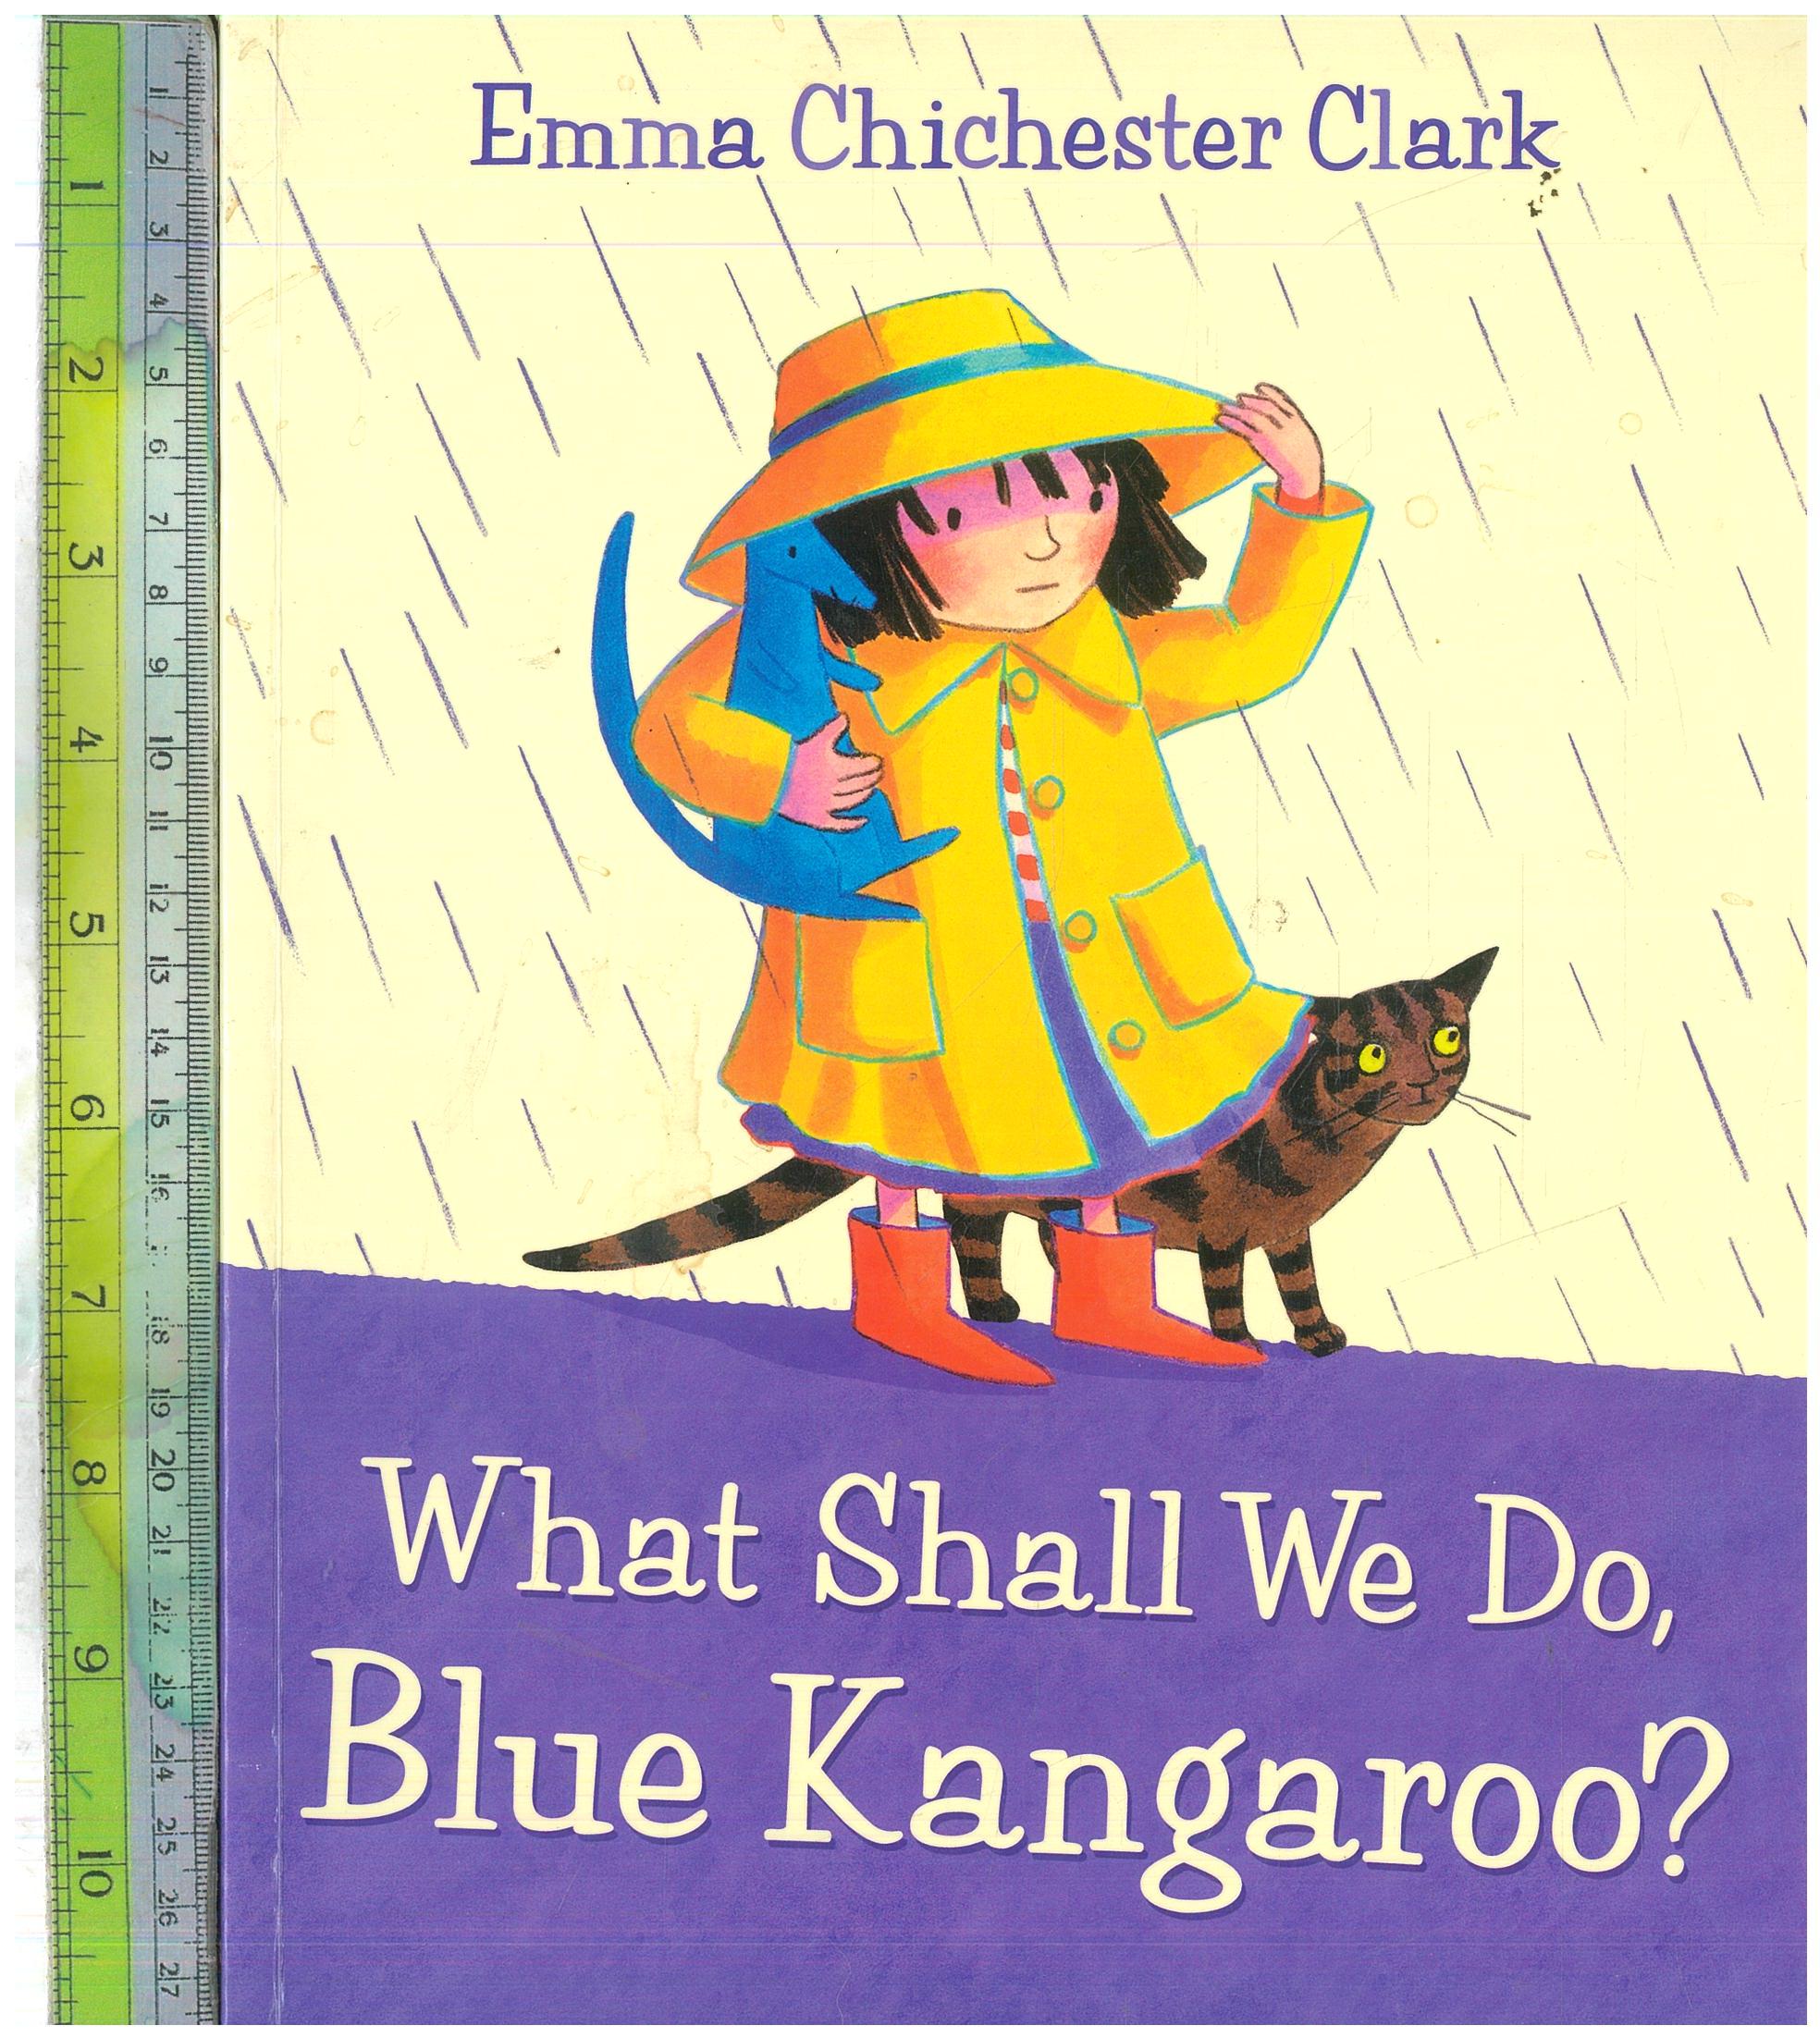 Shall we do,Blue Kangaroo